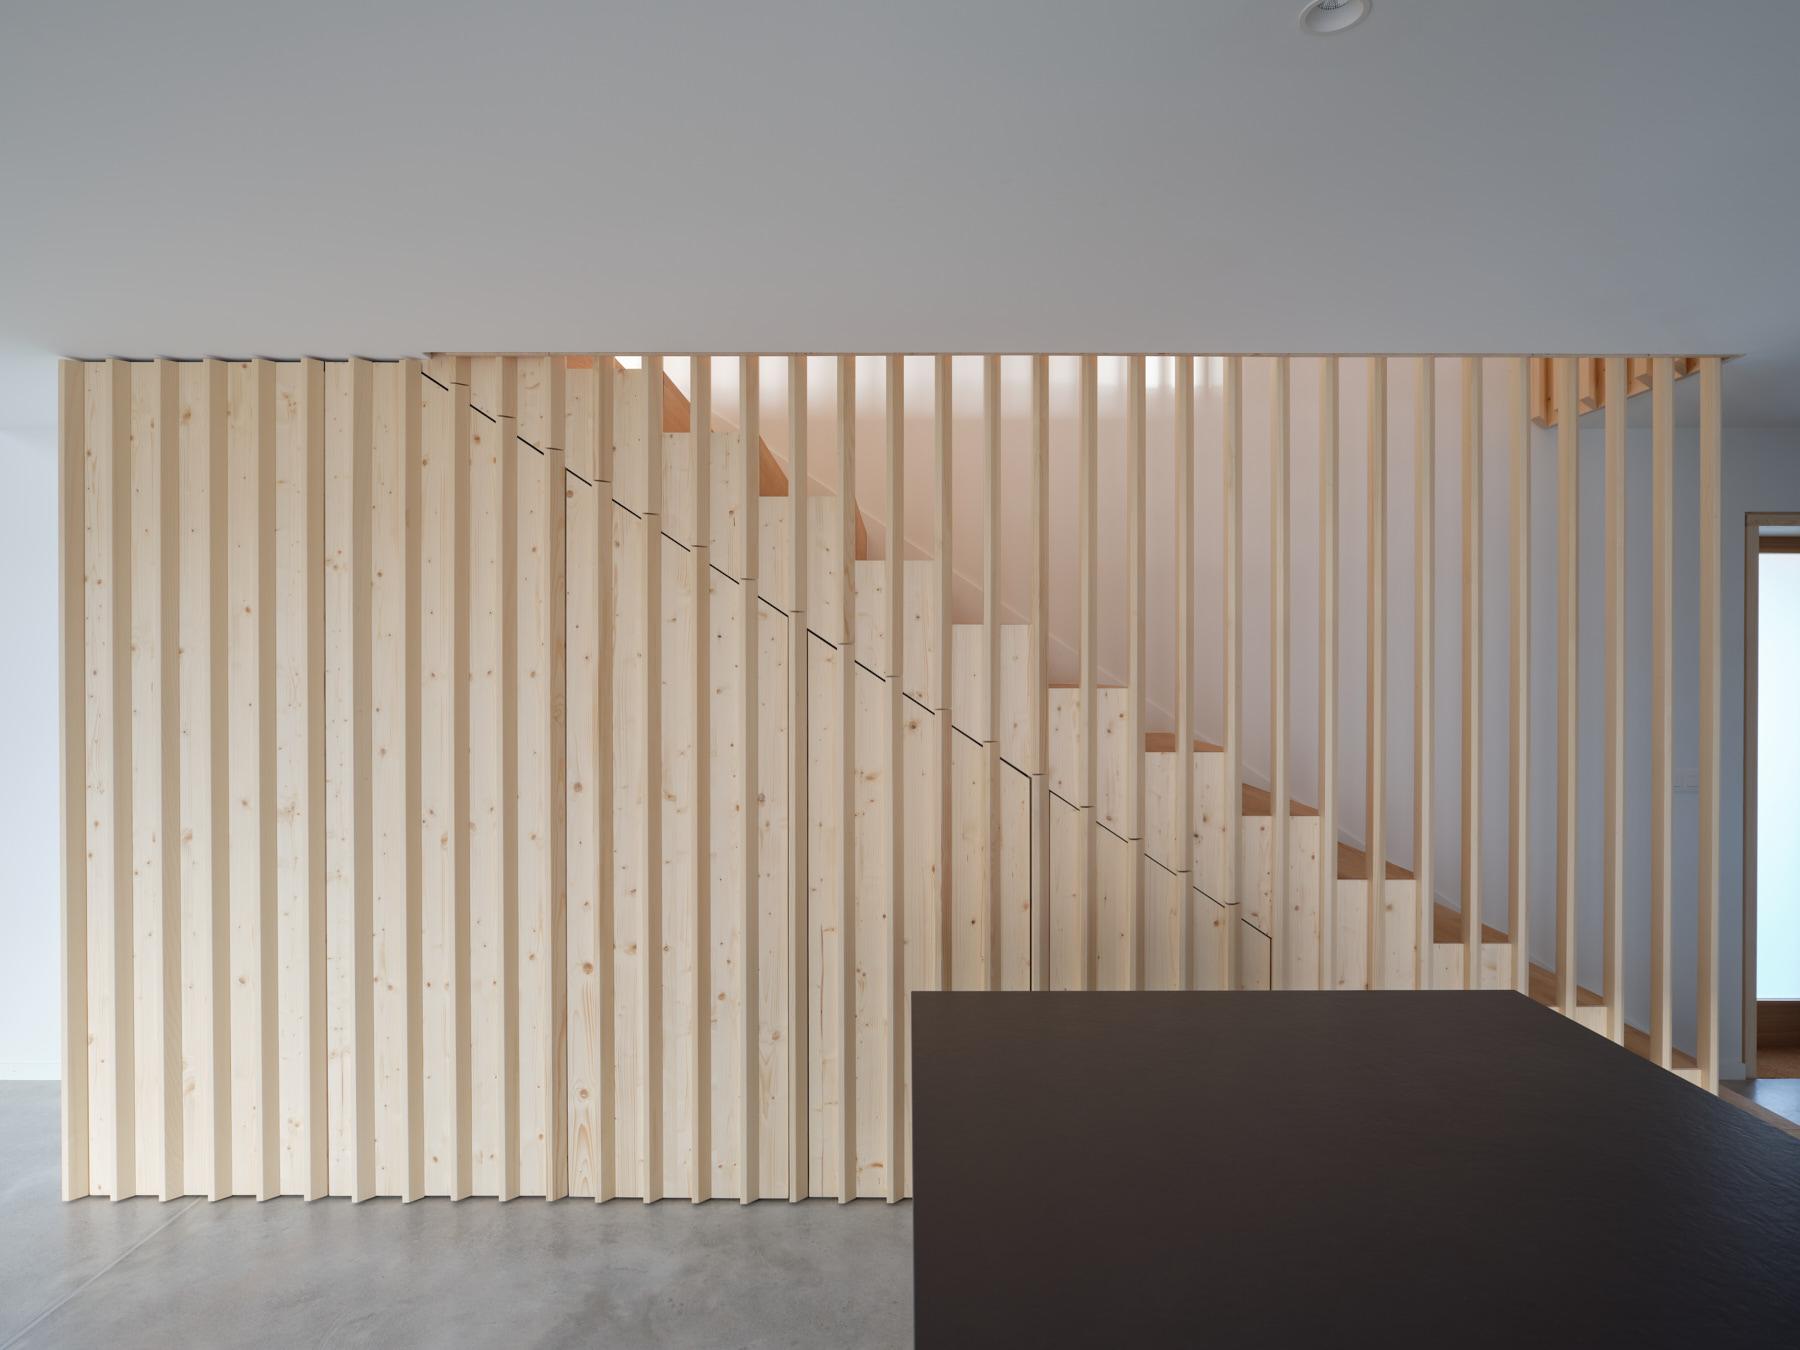 Maison R - escalier en bois - shape architecture